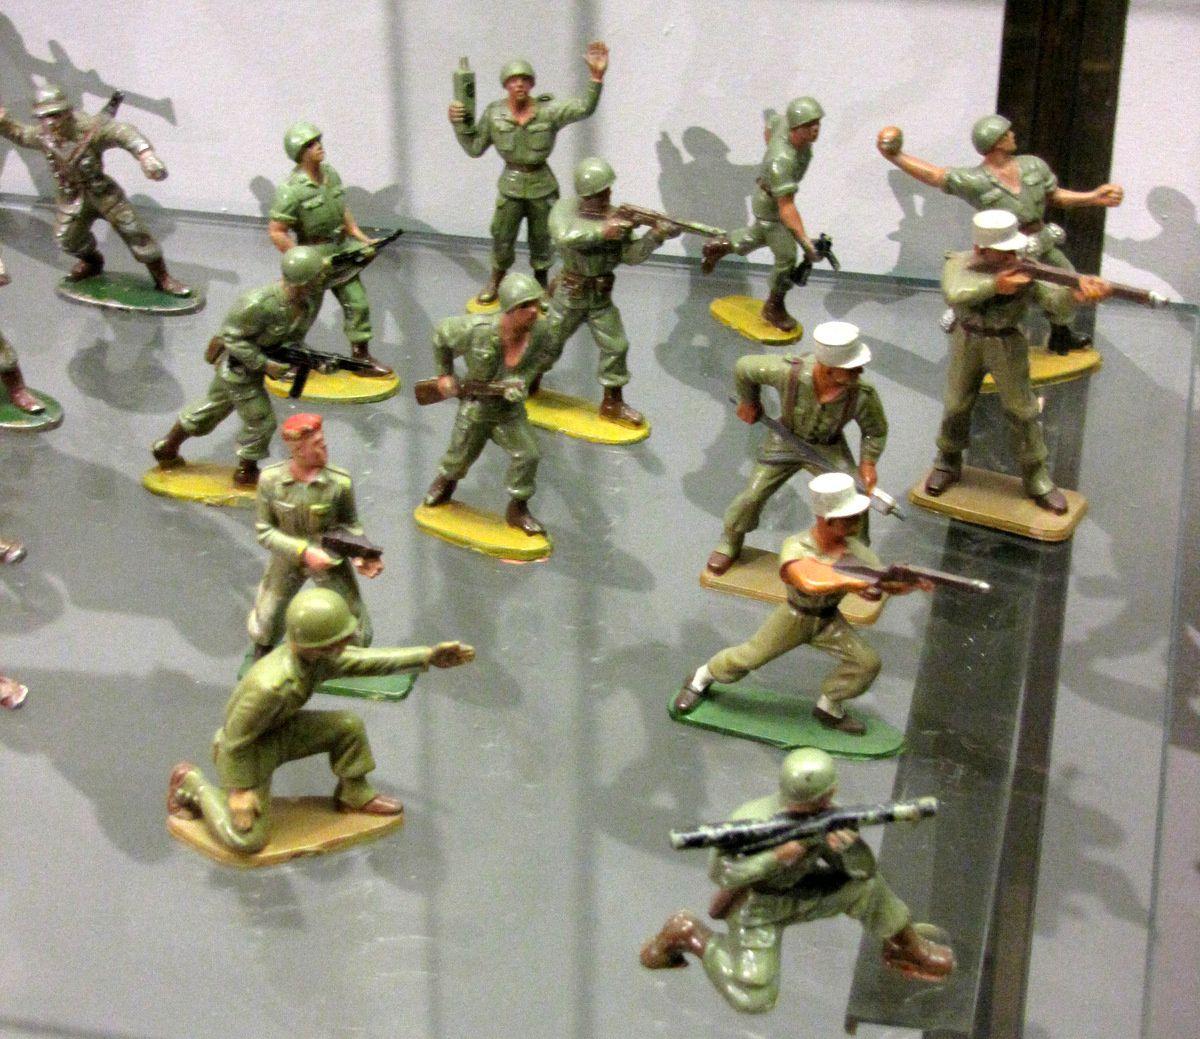 Soldats de la seconde Guerre mondiale, musée du jouet de Poissy